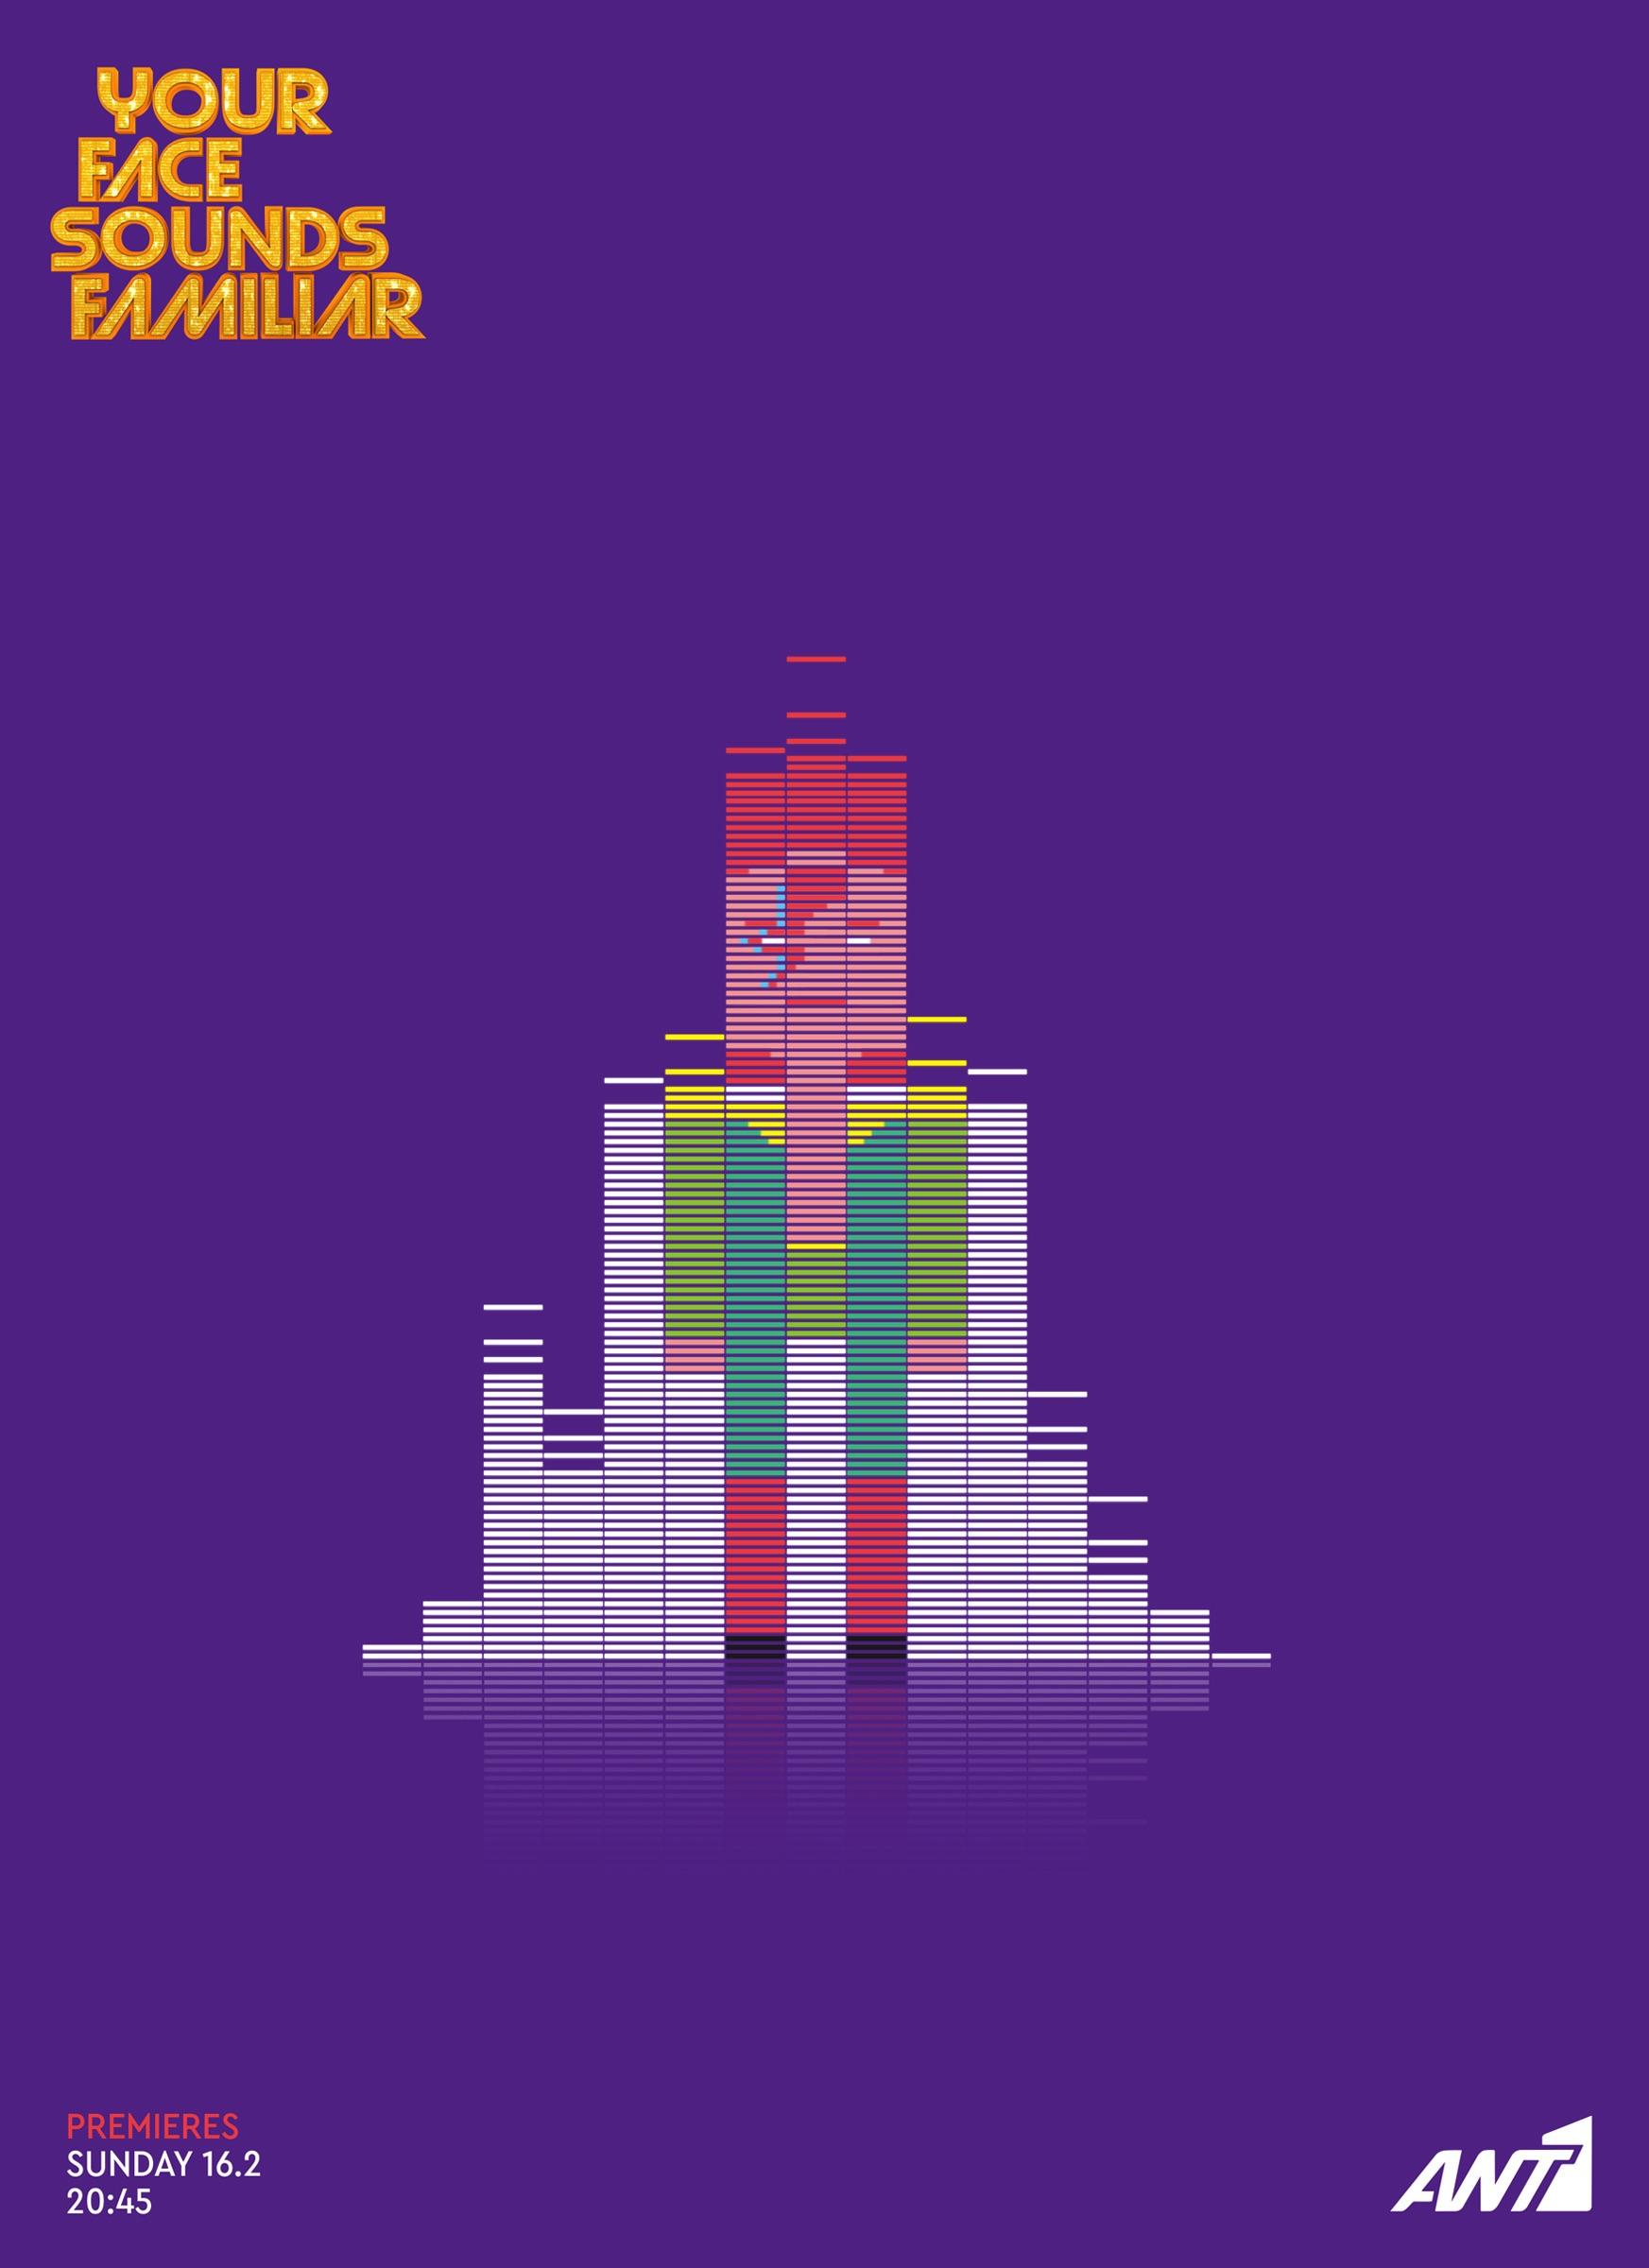 歌唱节目创意_希腊最受欢迎的电视频道ANT1平面广告设计-中国设计在线